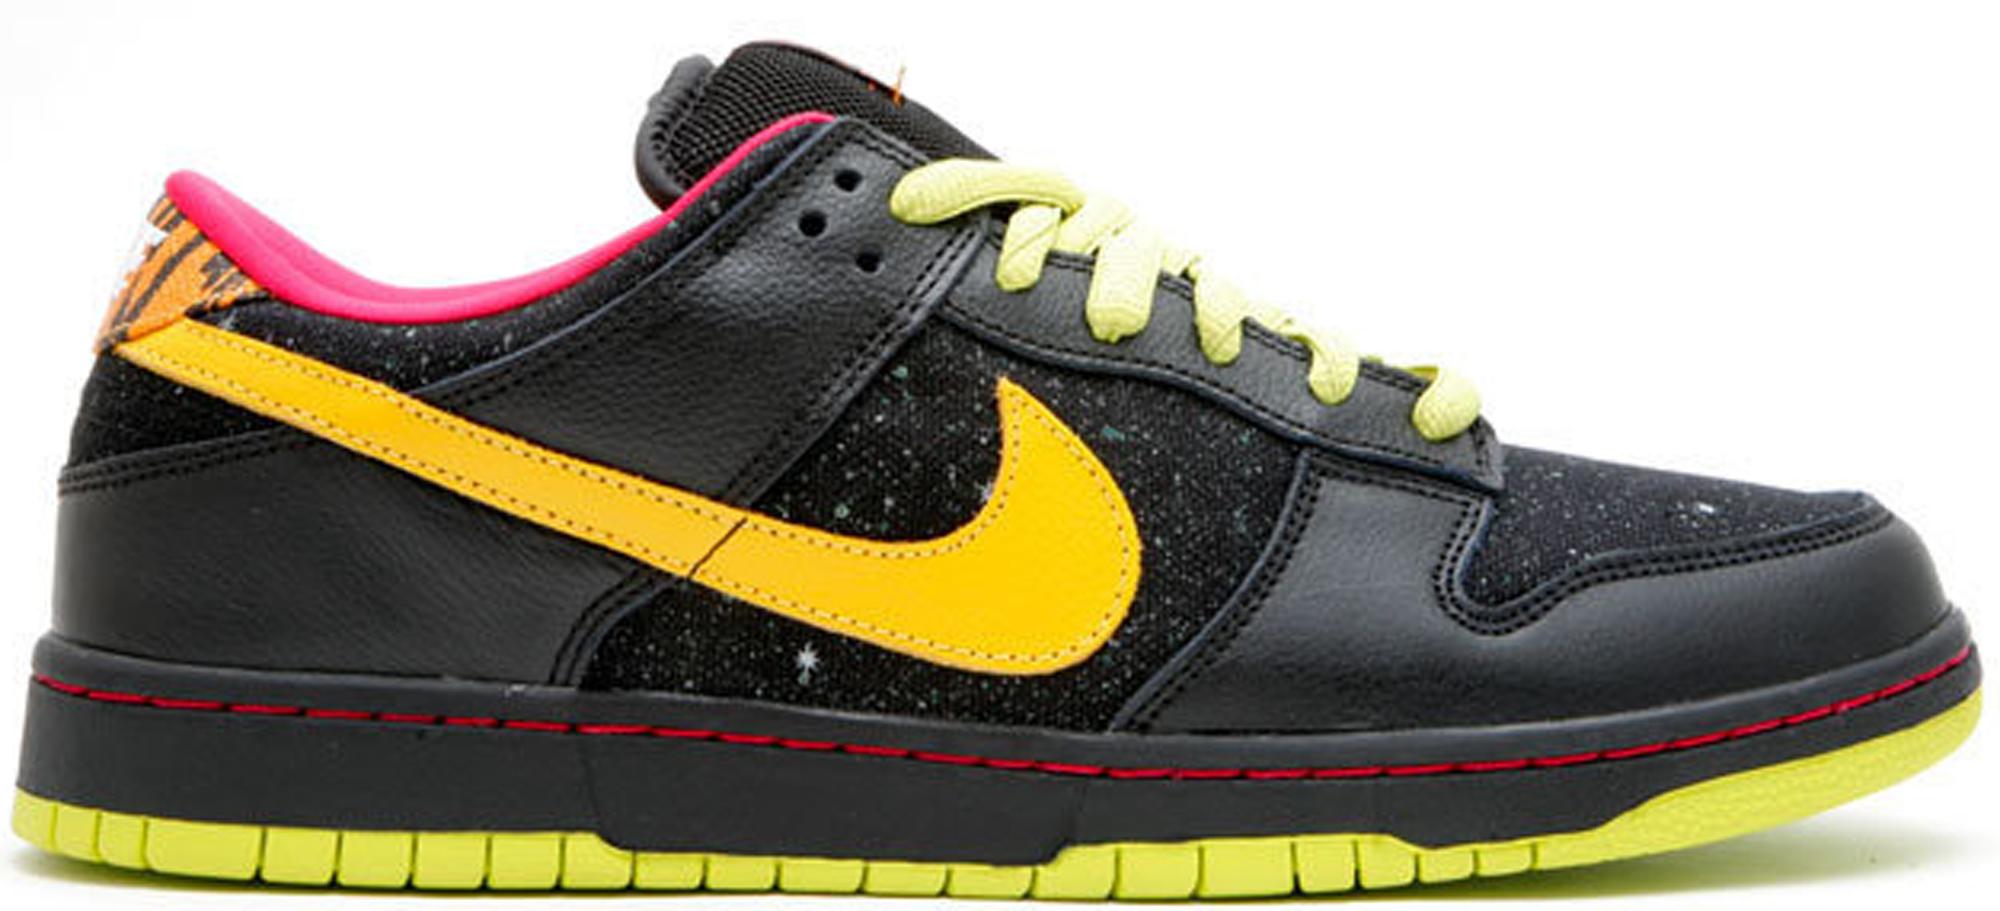 Nike SB Dunk Low Space Tiger - 313170-071